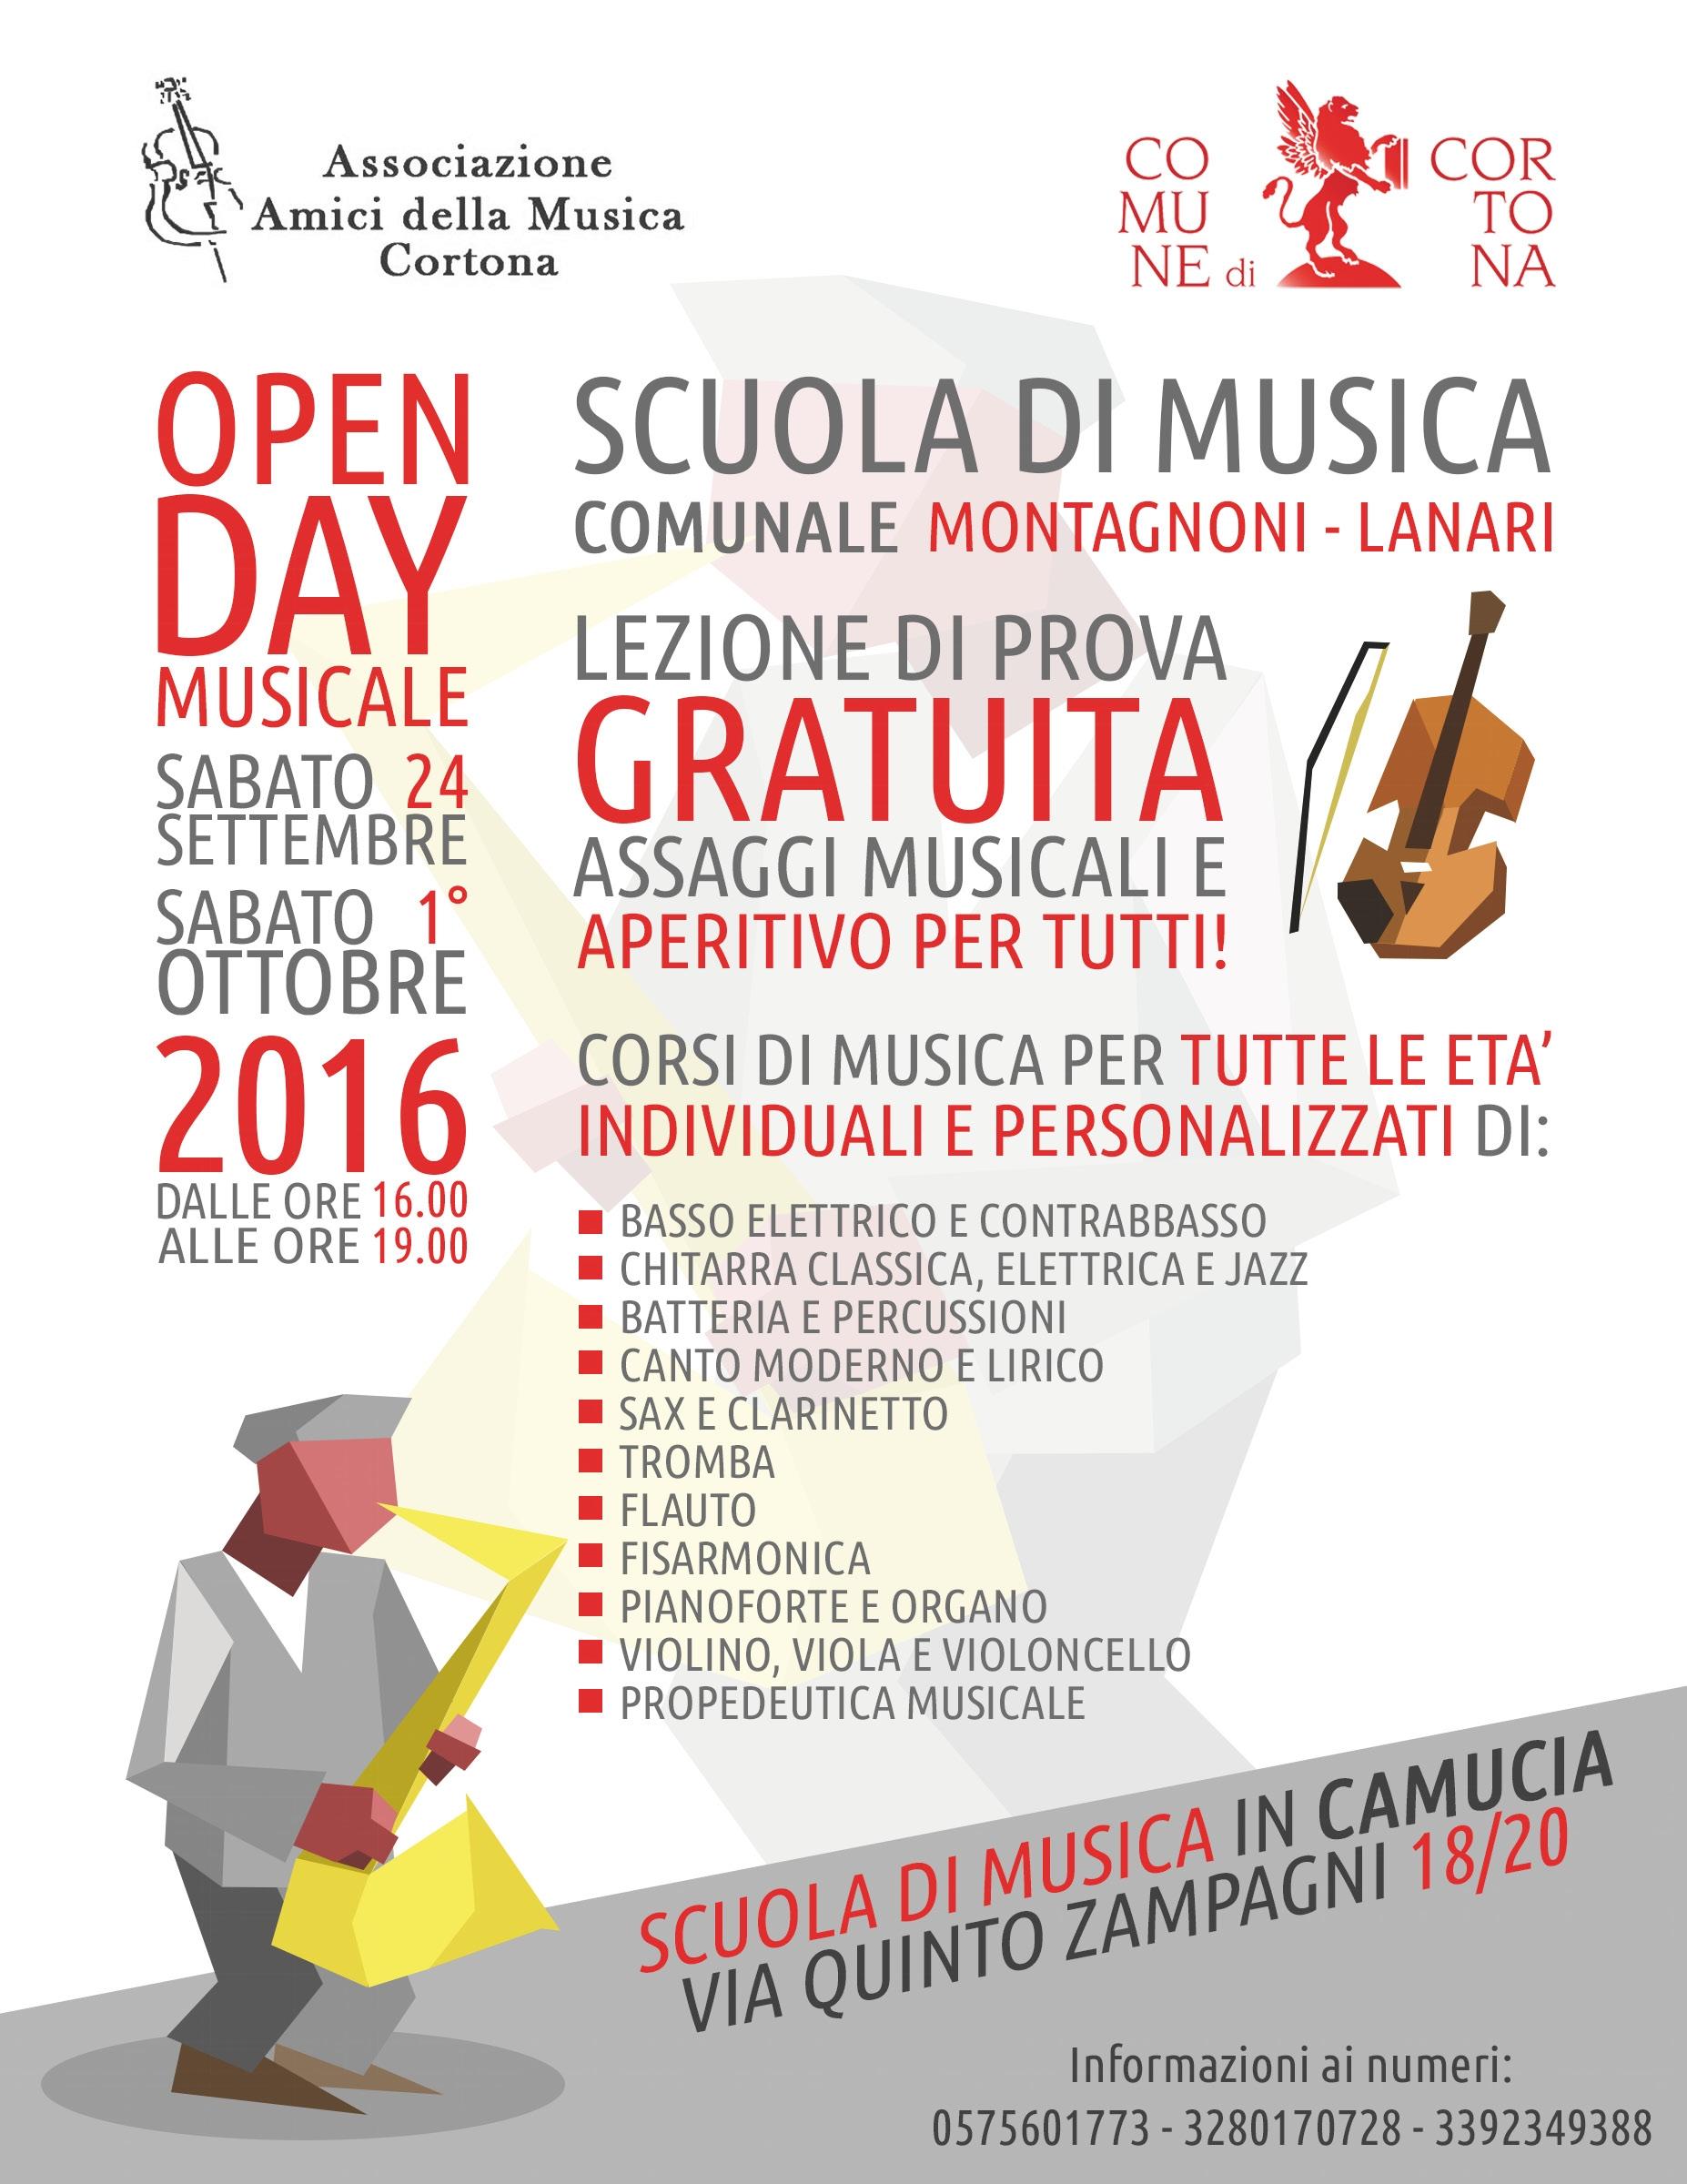 Scuola di Musica Comunale di Cortona, via alle iscrizioni